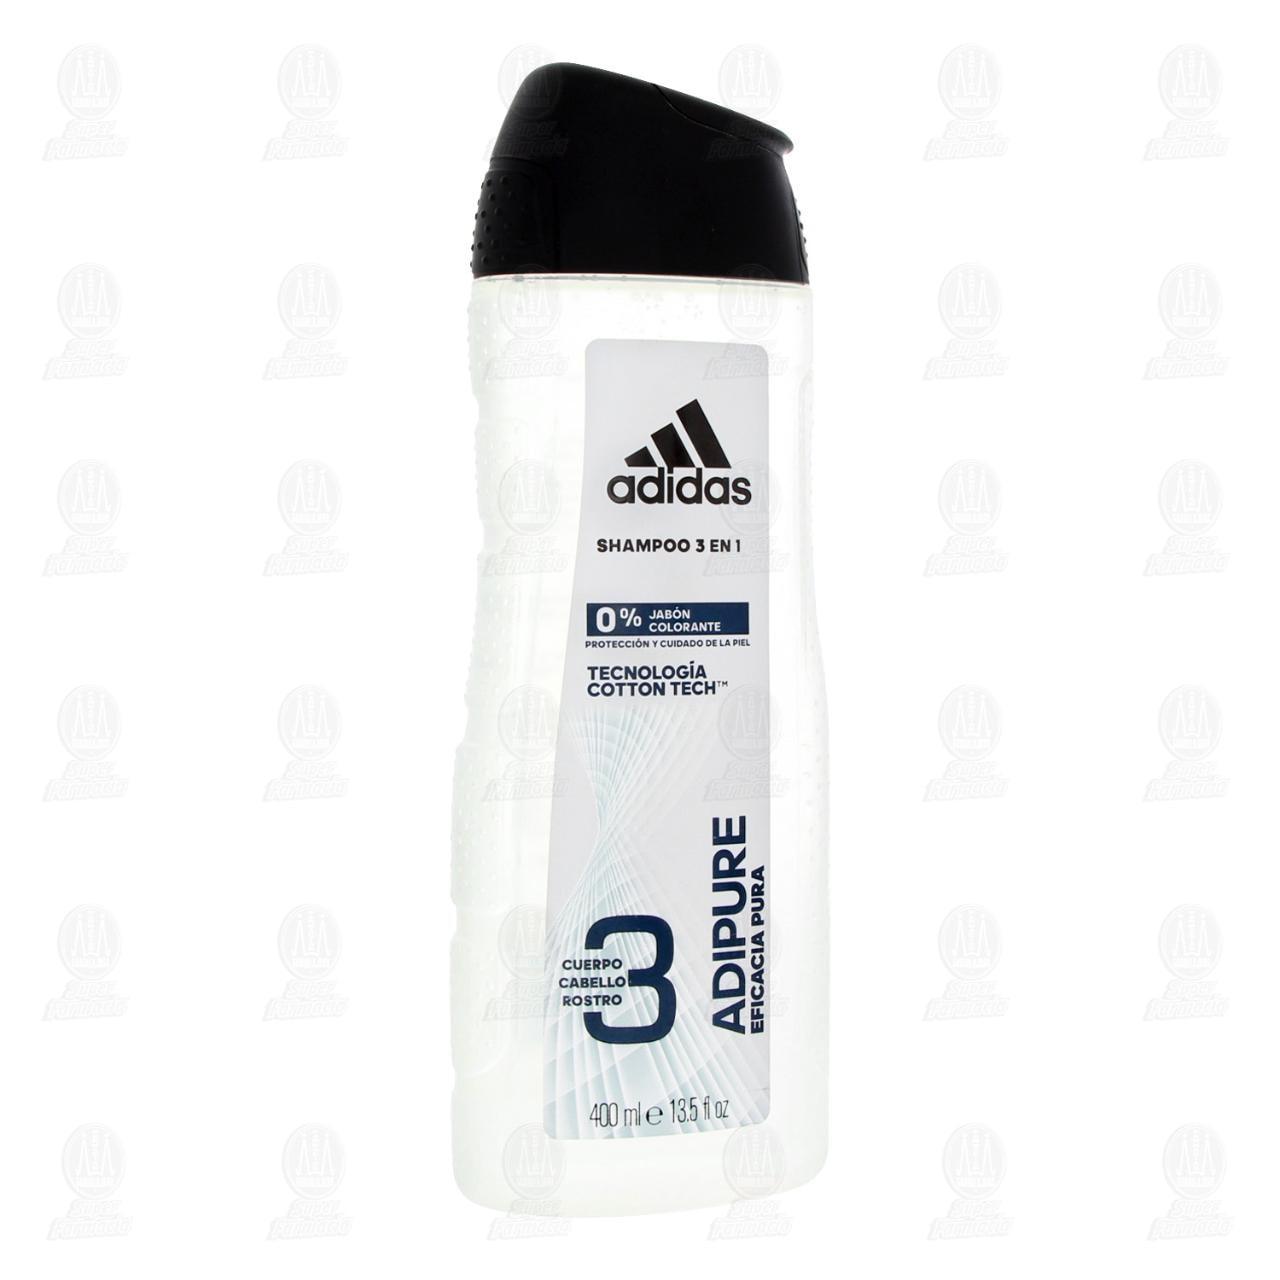 Comprar Shampoo Adidas Adipure 3 en 1 Eficacia Pura, 400 ml. en Farmacias Guadalajara